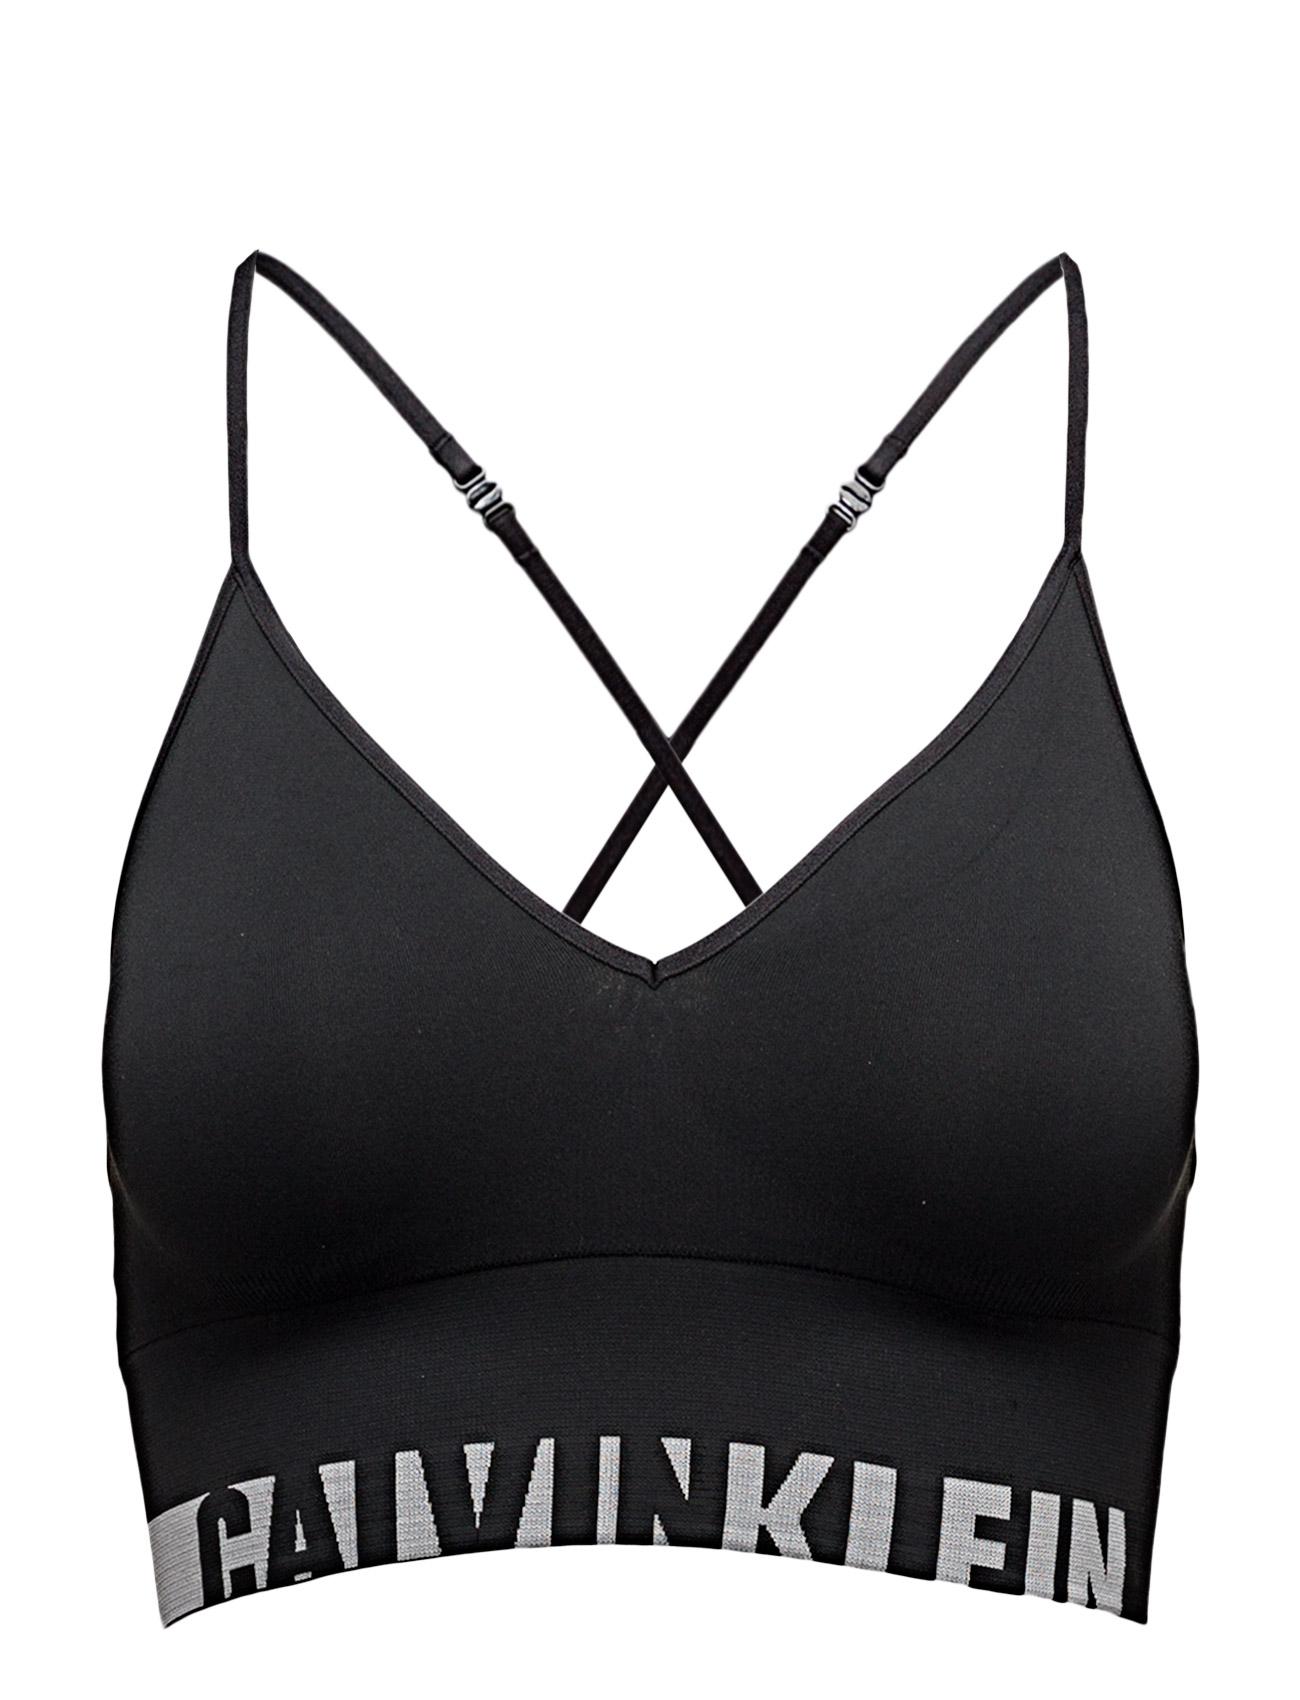 Bralette Unlined Longline Multiway Calvin Klein BH'er til Damer i Sort